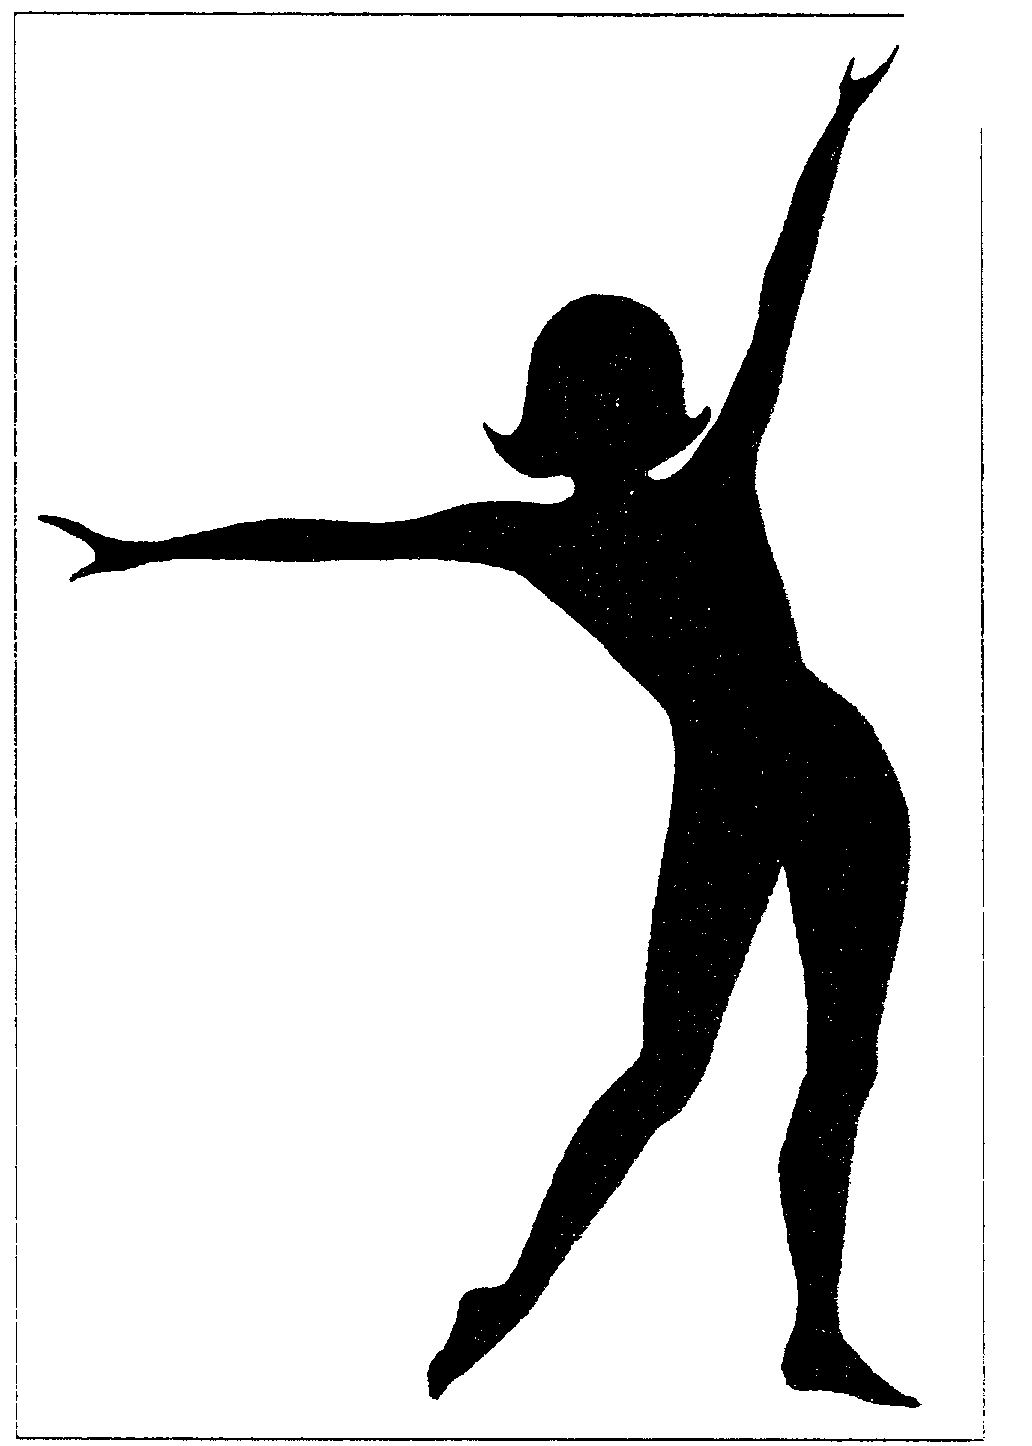 Woman Silhouette Logo Exercising,silhouette Logo